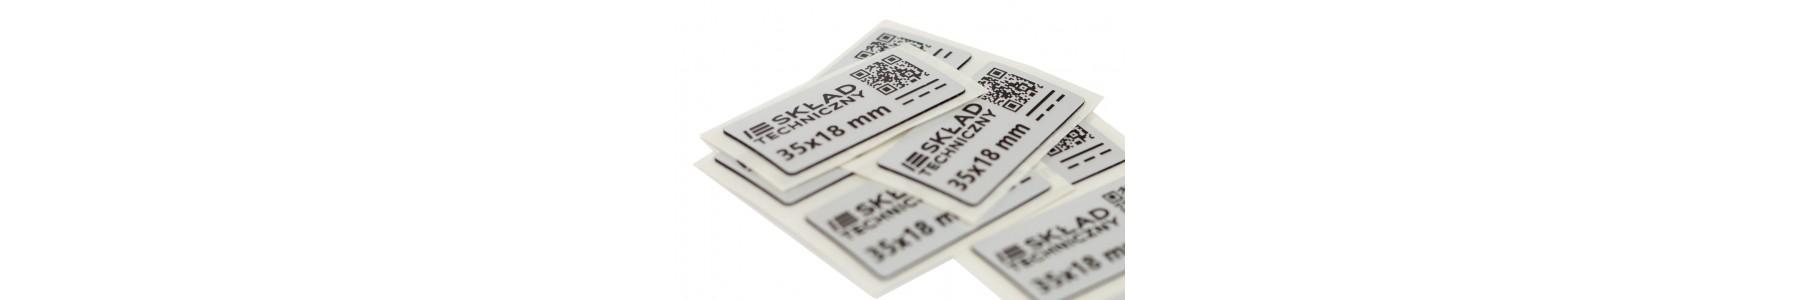 Etykiety panelowe z indywidualnie zaprojektowanym nadrukiem